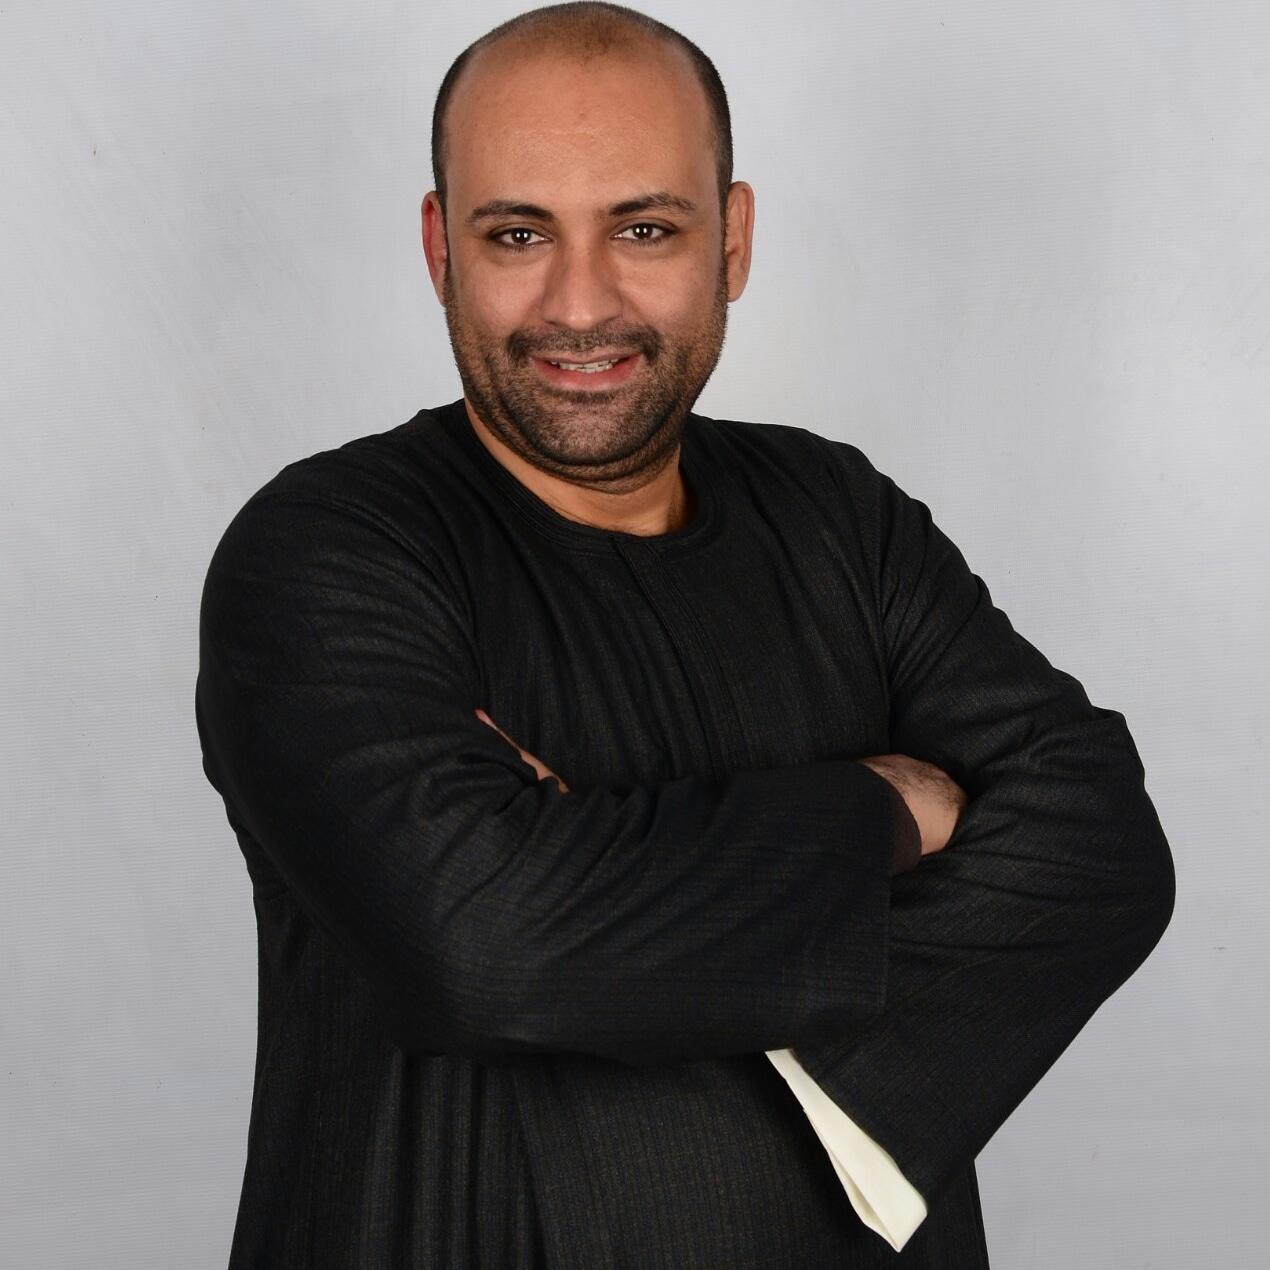 الاسم مجدى ناجح    الشبه بينى وبين النجم احمد السقا